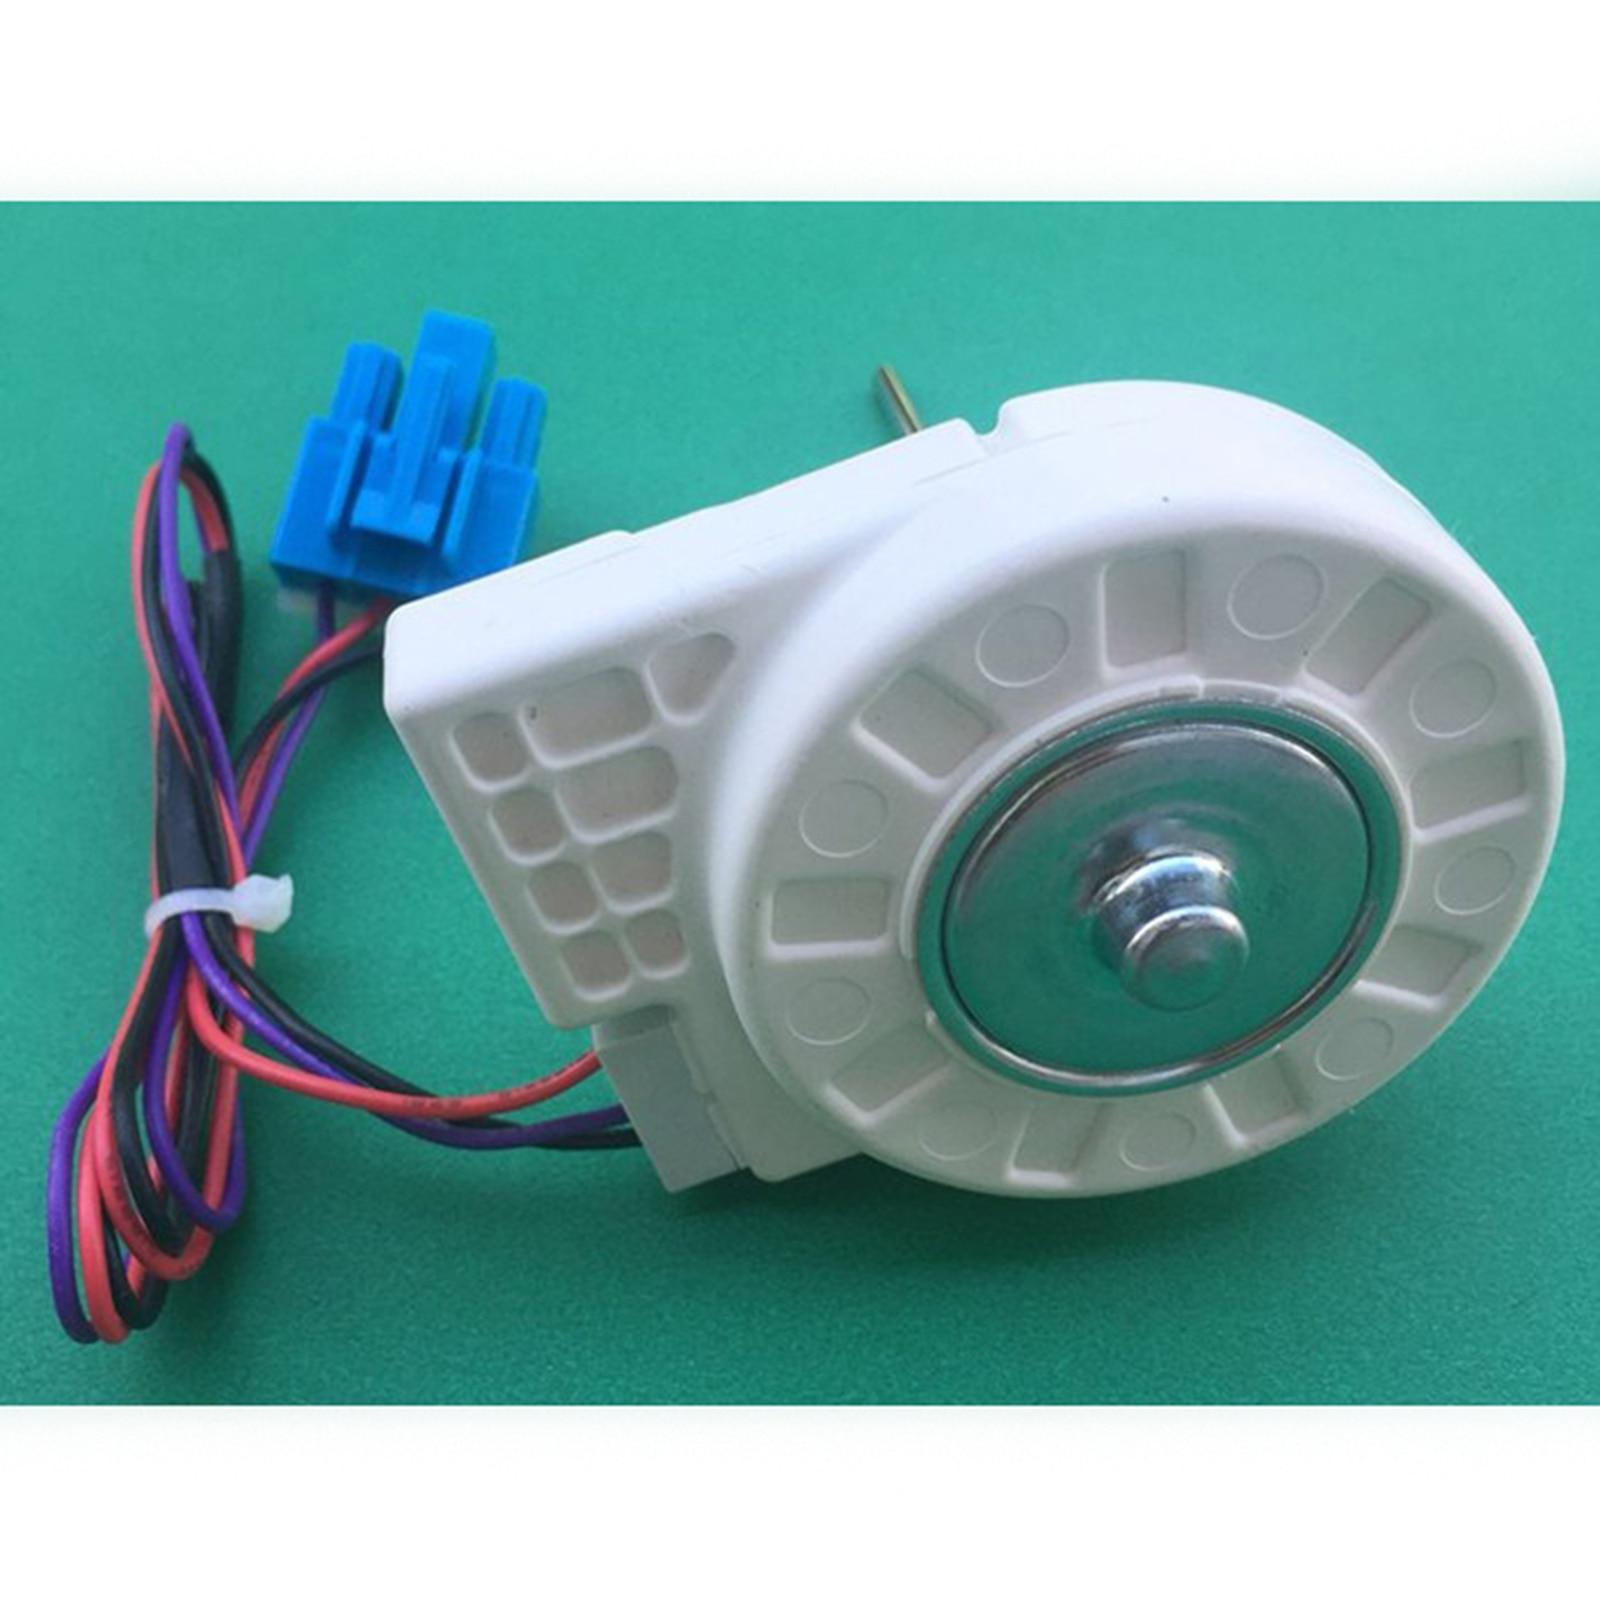 Substituição freezer motor de ventilador sem escova para midea porta dupla geladeira dla5985xqea peças dc10.4v 1.6 w